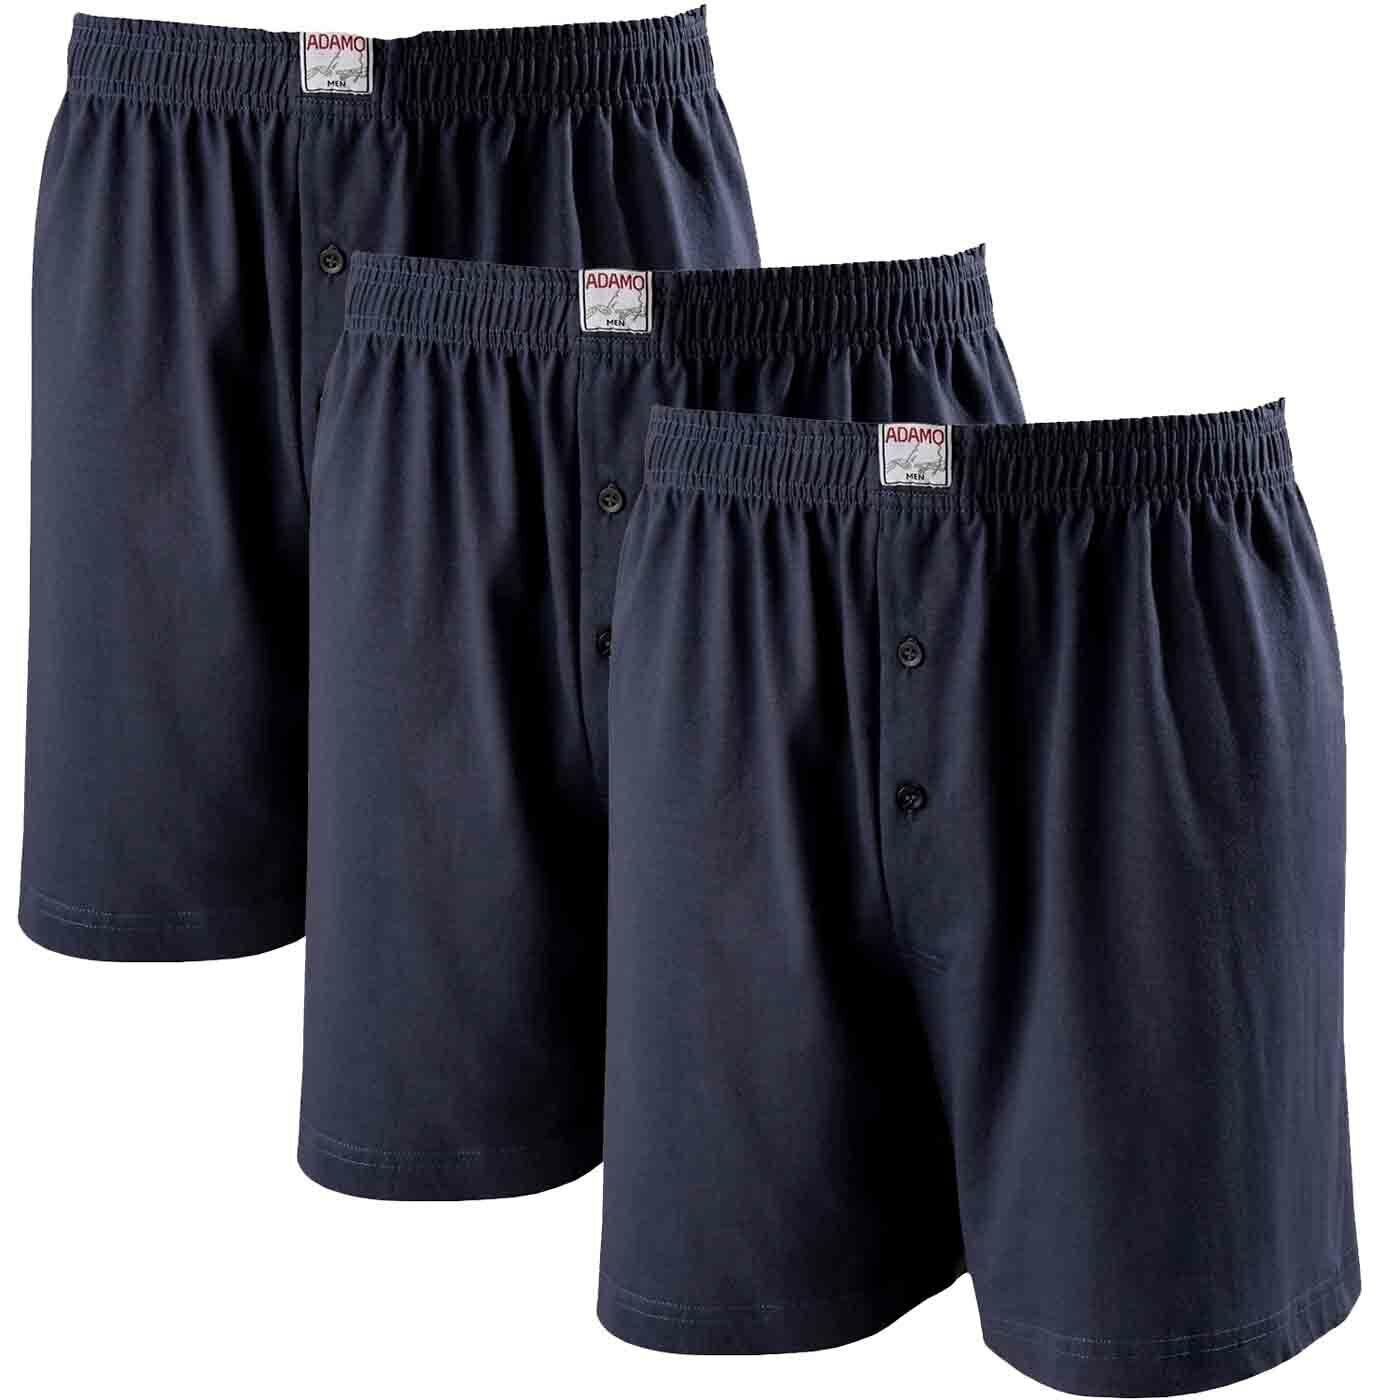 3-er Pack Shorts von Adamo - AD 129610-M